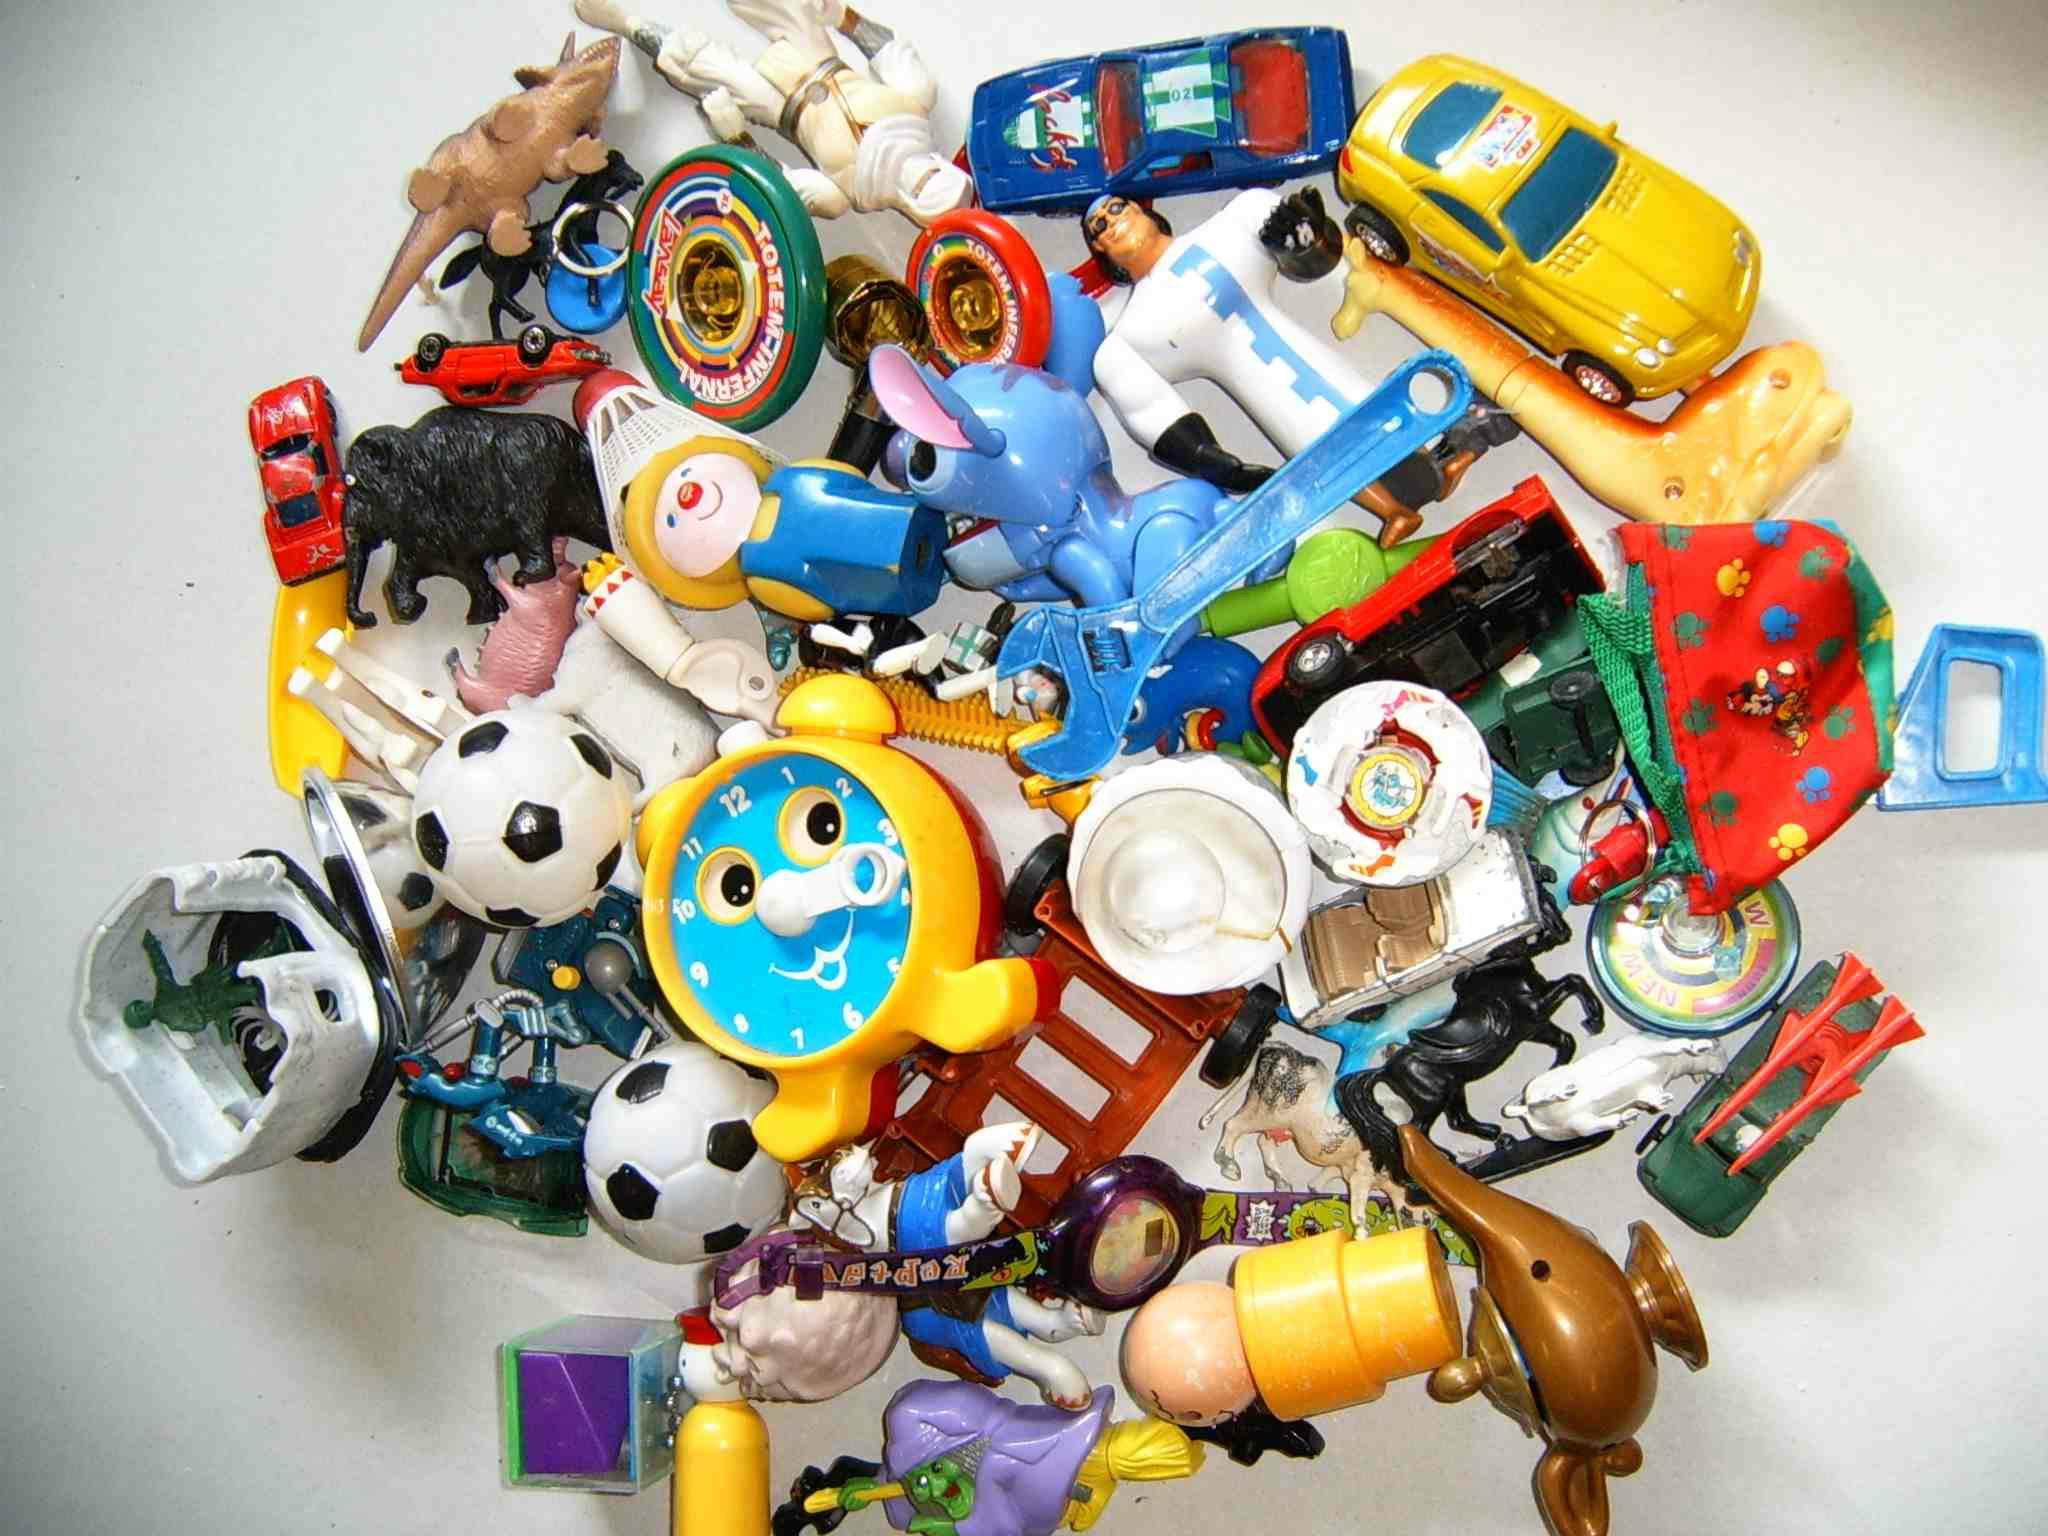 Plastic Planet Invasion jouets objets divers en plastique - Déchets de jouets